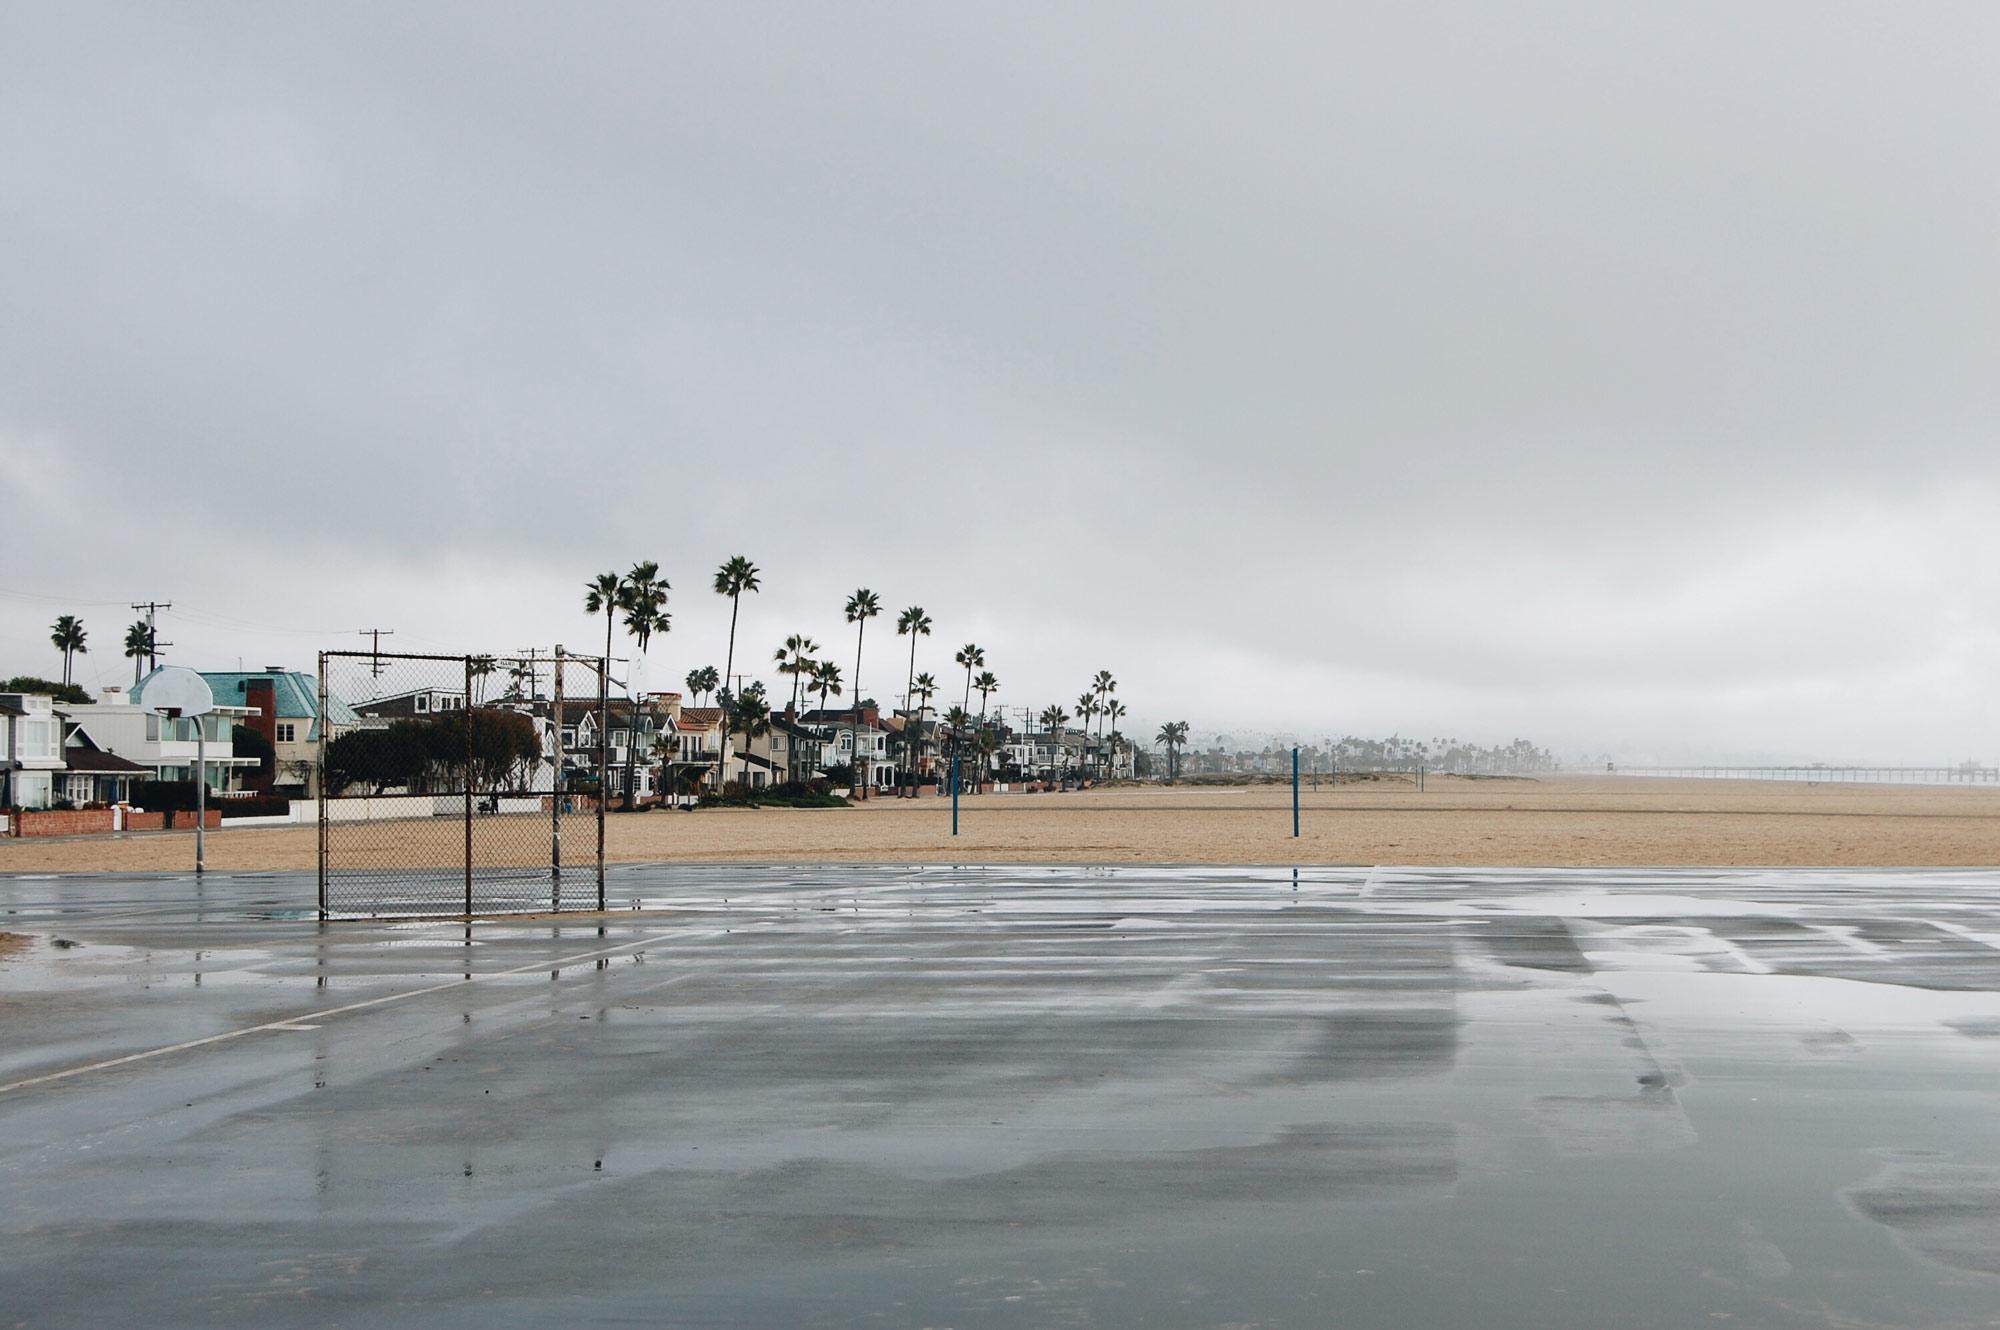 Lovell Beach House Rudolph Schindler Newport Beach Los Angeles